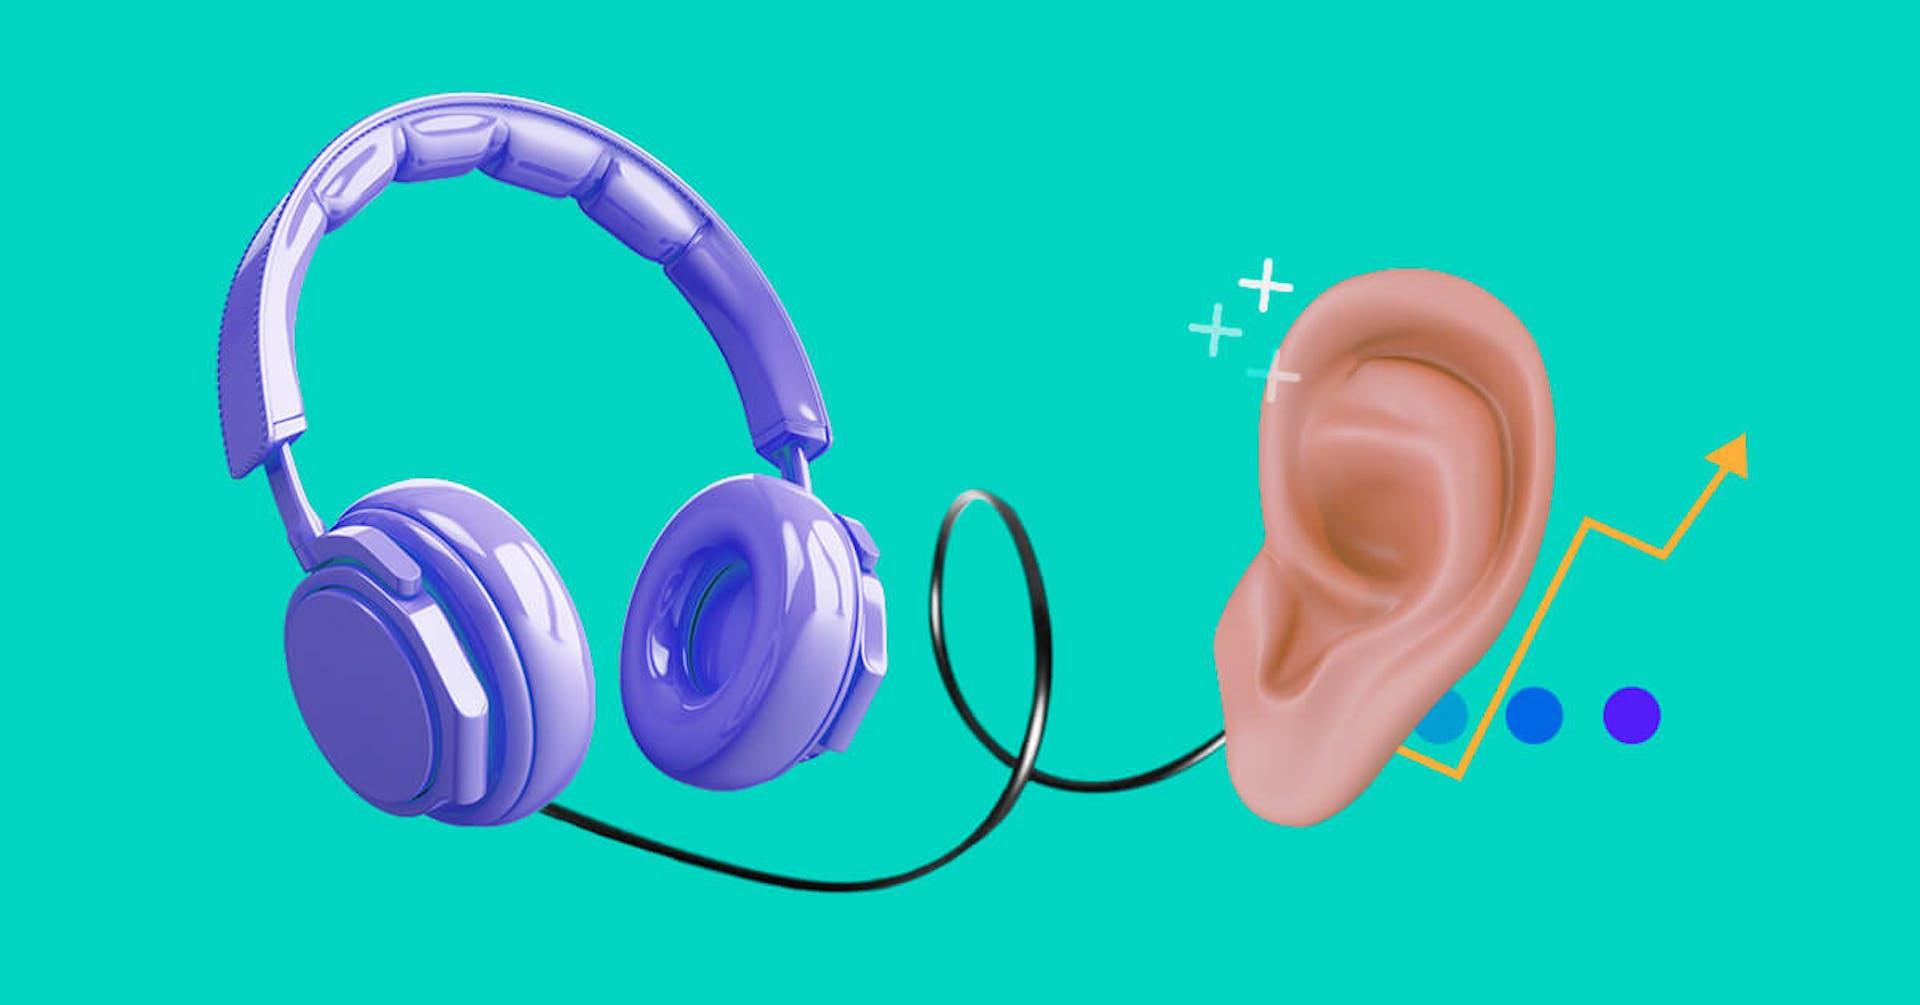 Aprendizaje auditivo: Las mejores técnicas para desarrollarlo